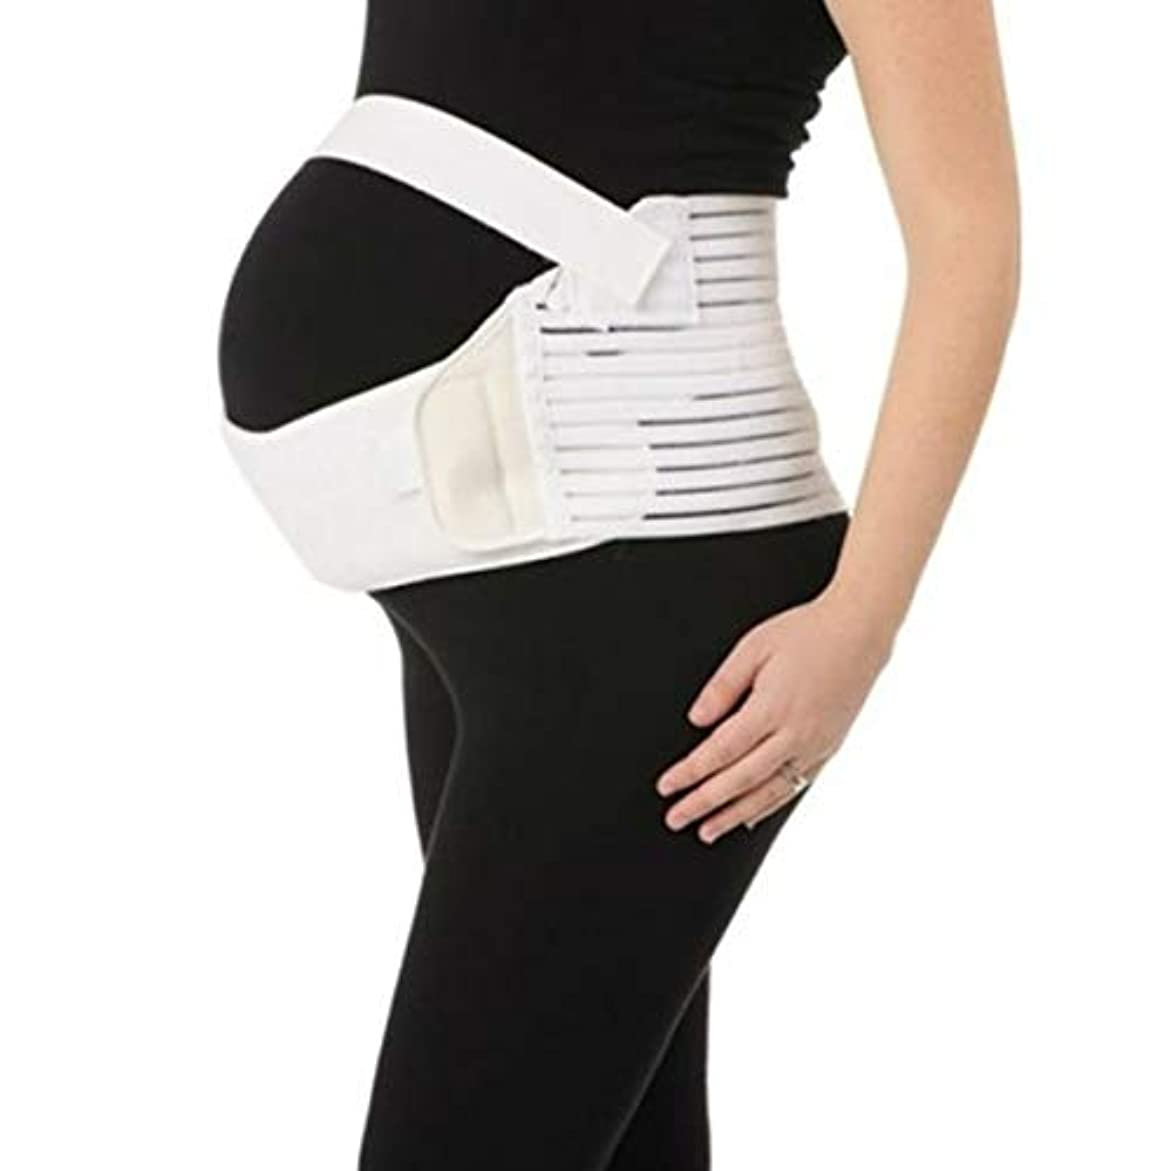 羽浮く意志に反する通気性マタニティベルト妊娠腹部サポート腹部バインダーガードル運動包帯産後回復形状ウェア - ホワイトXL